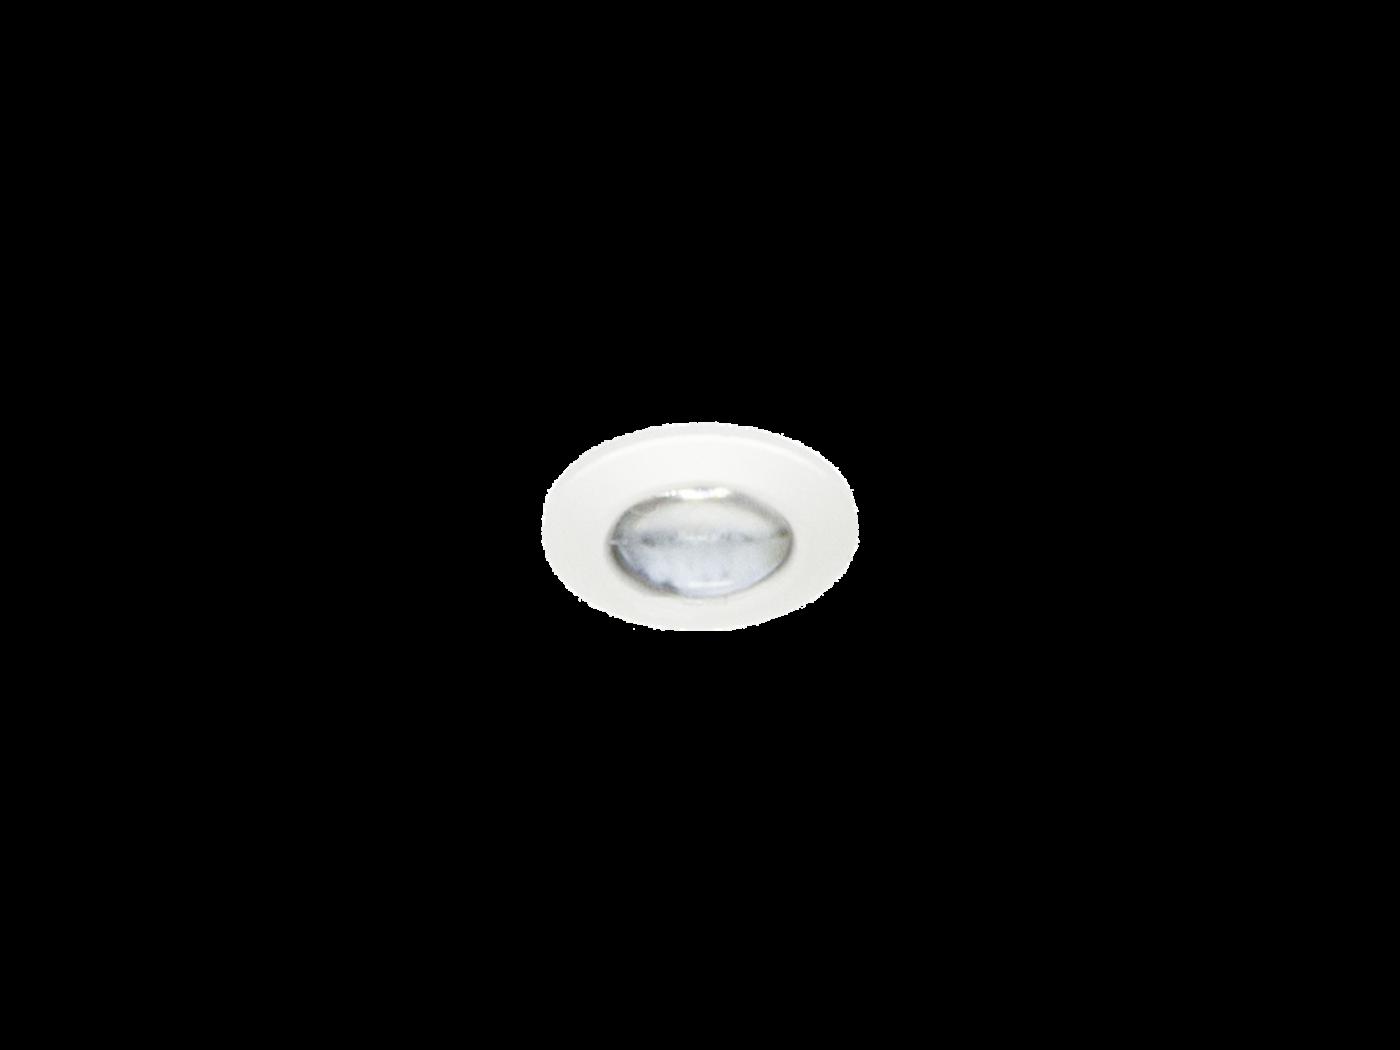 Highline_Spot_3K_White_1600x1200